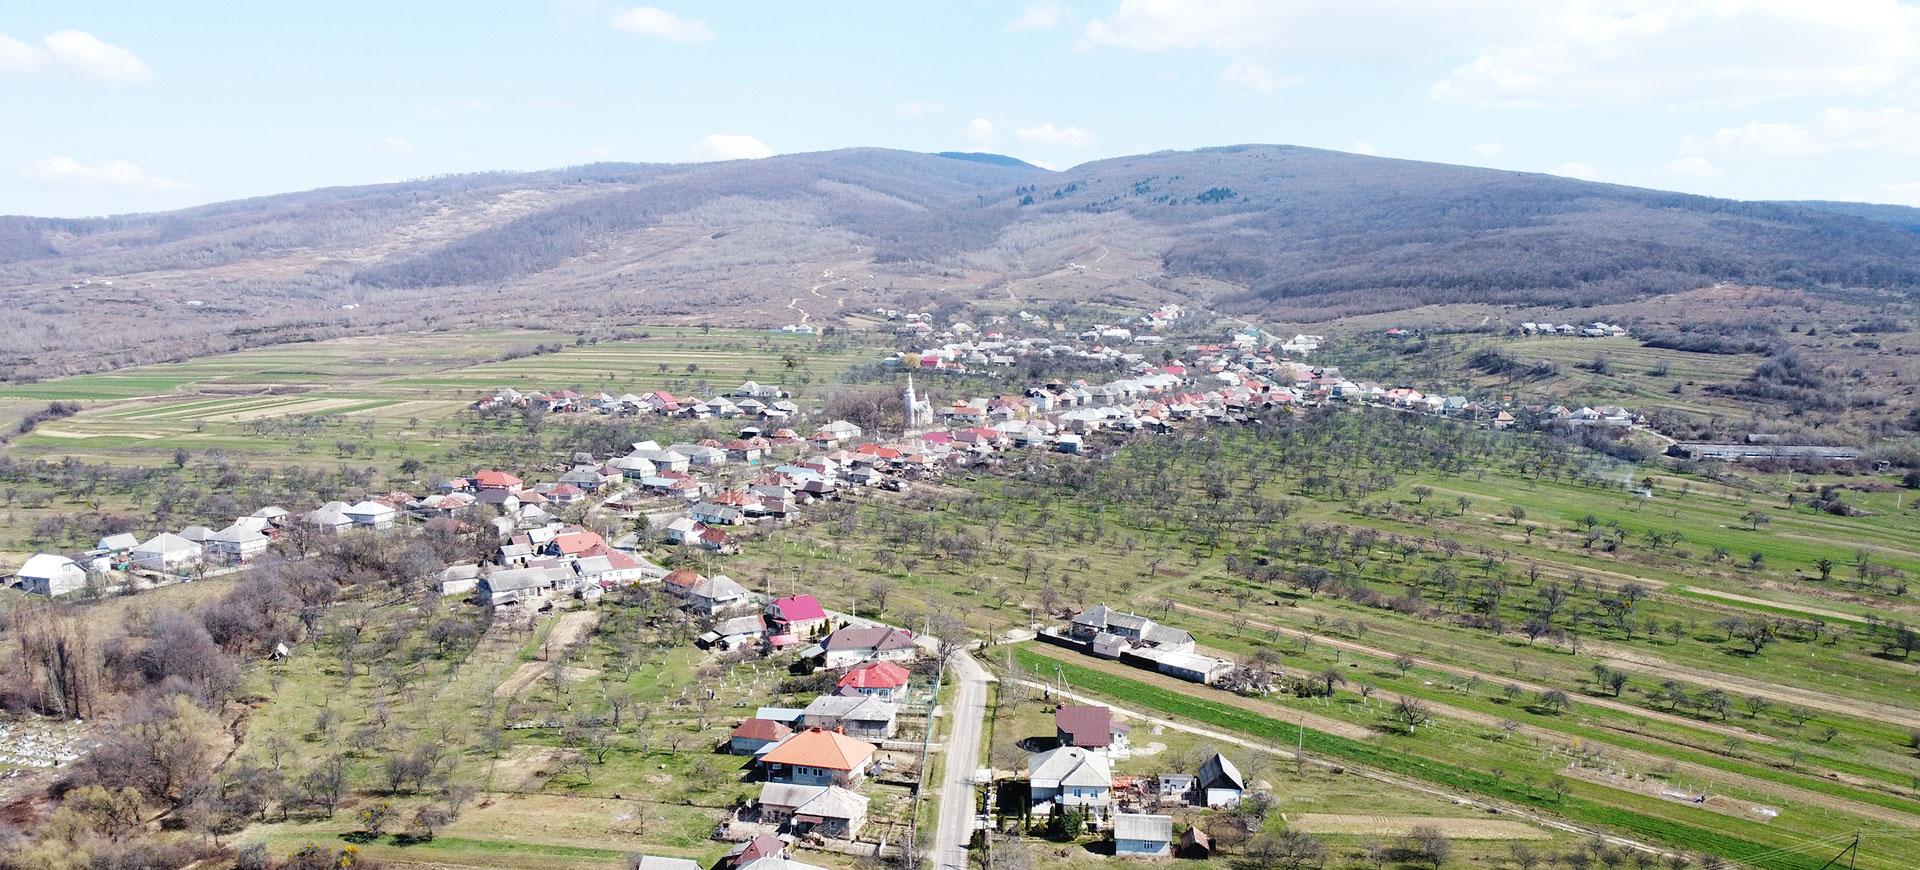 baranynskaotg